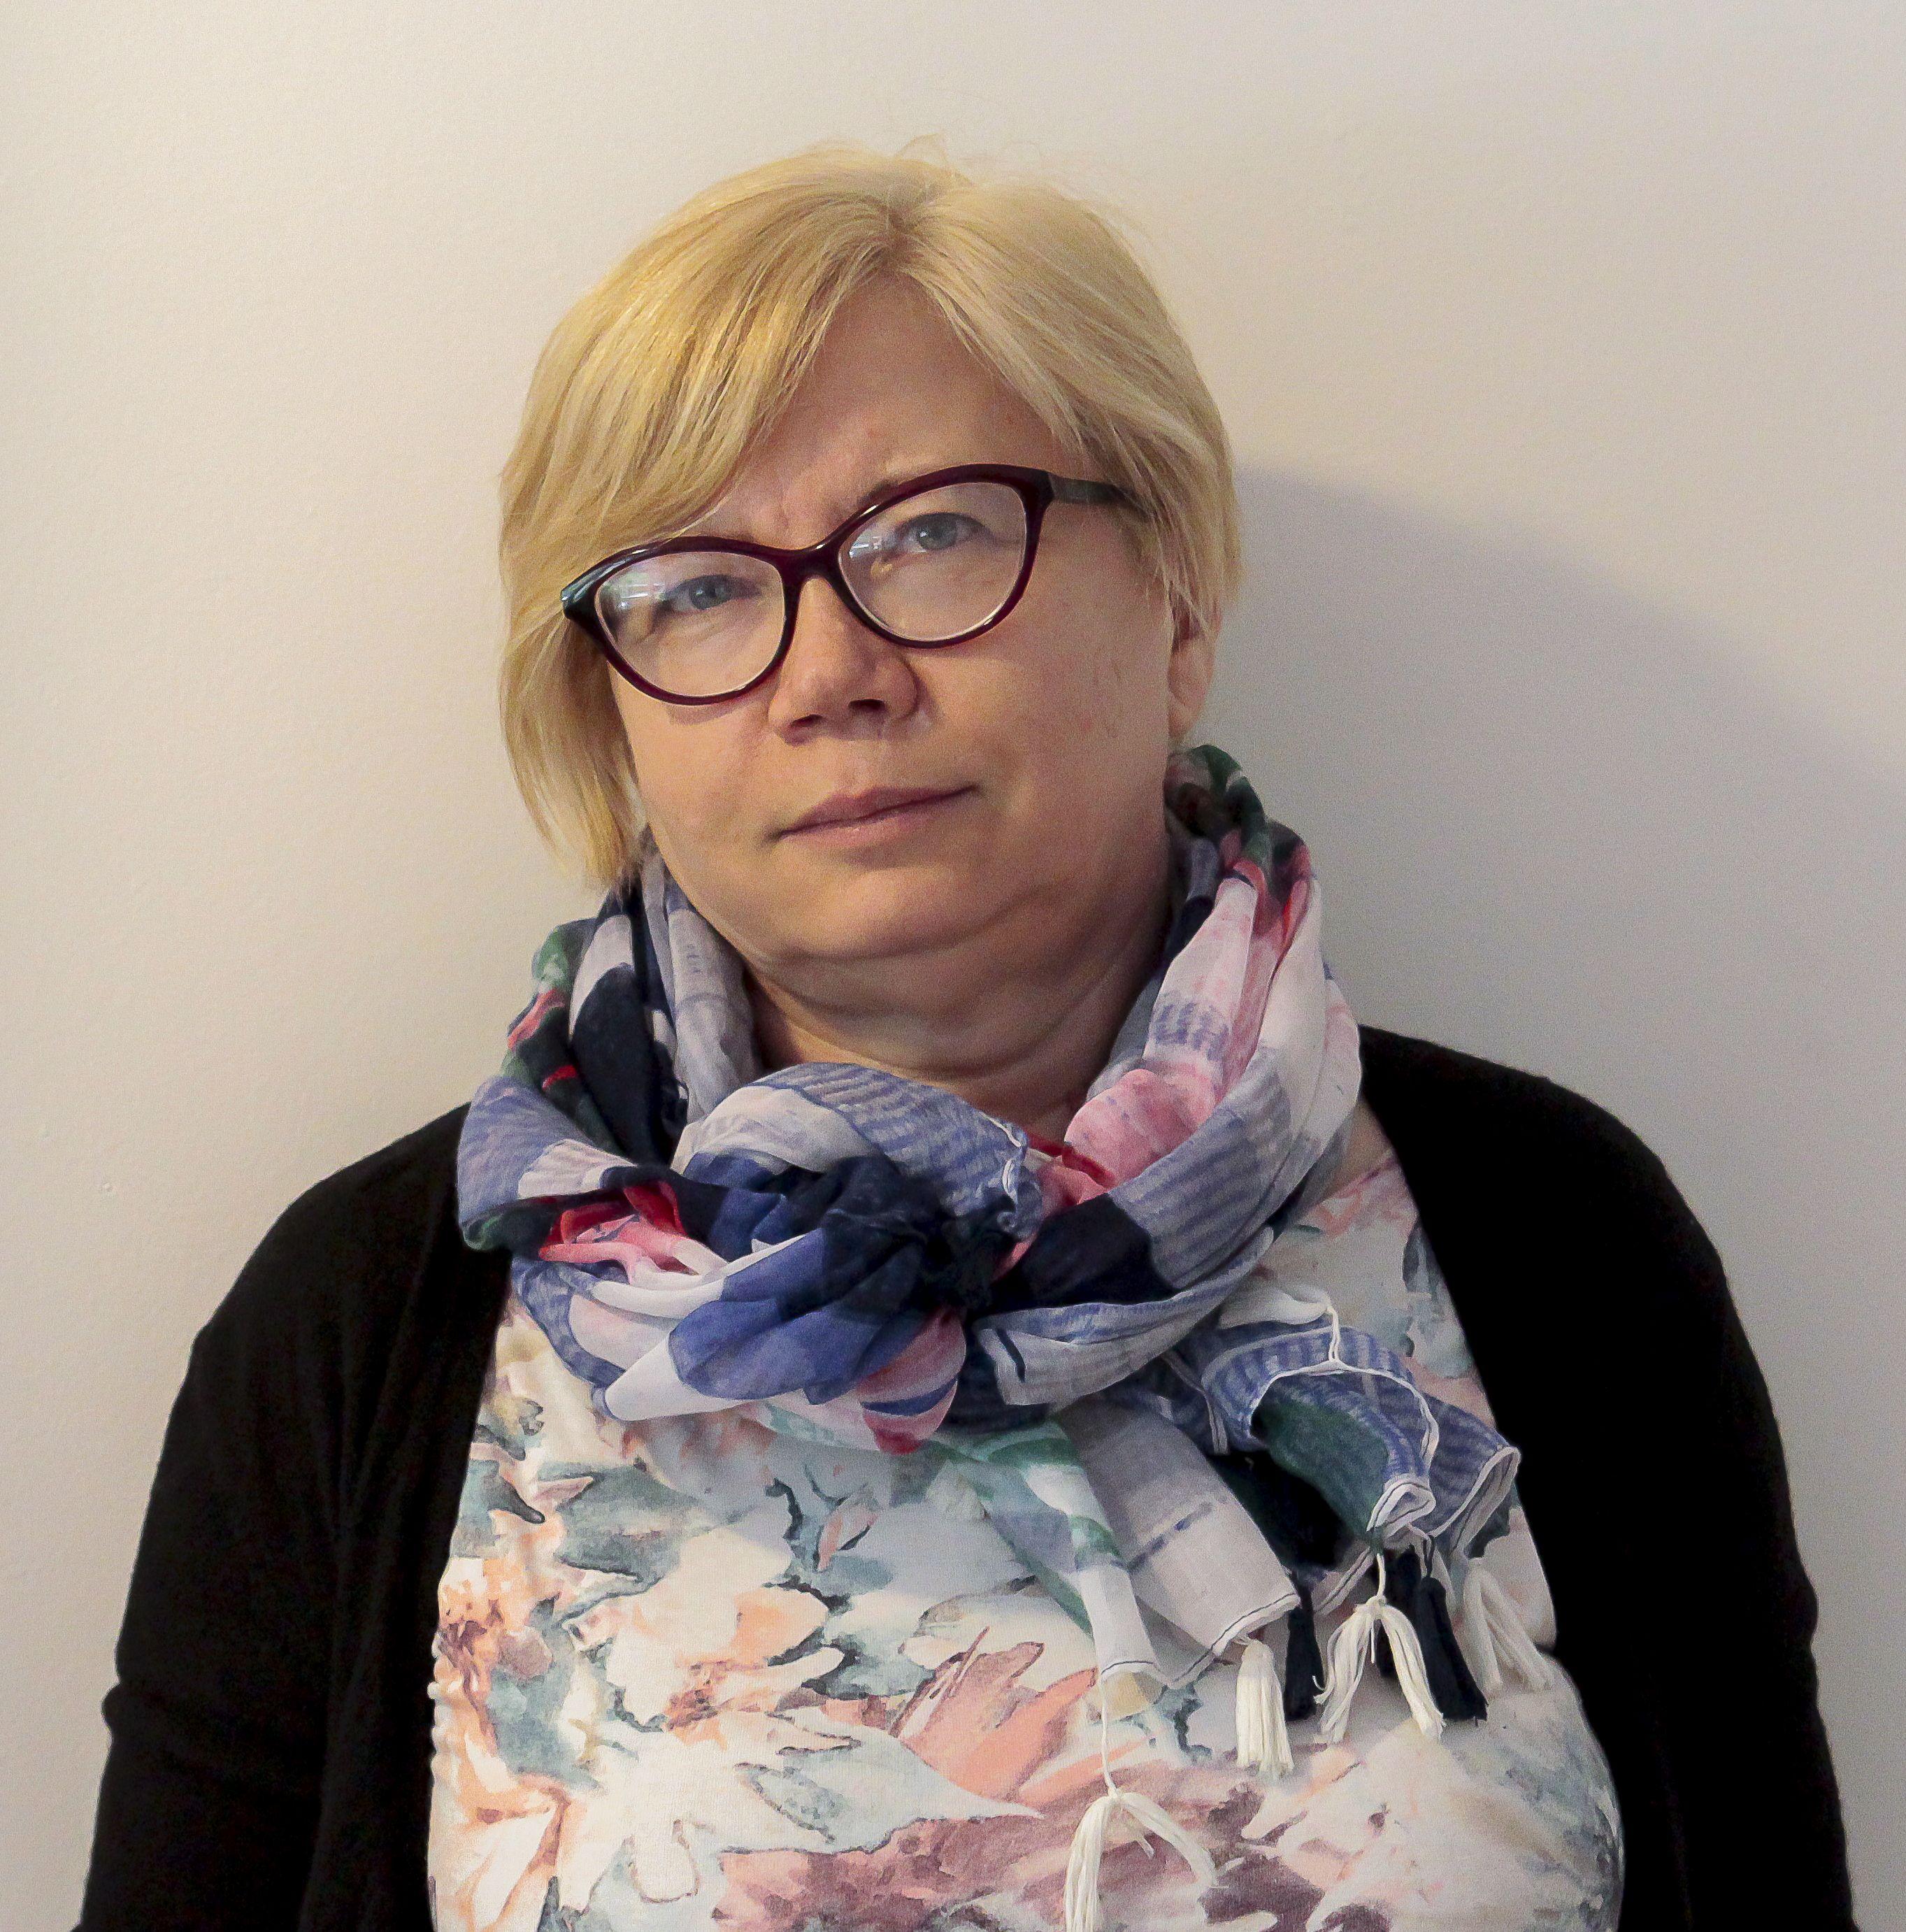 Barbara Uniwersał